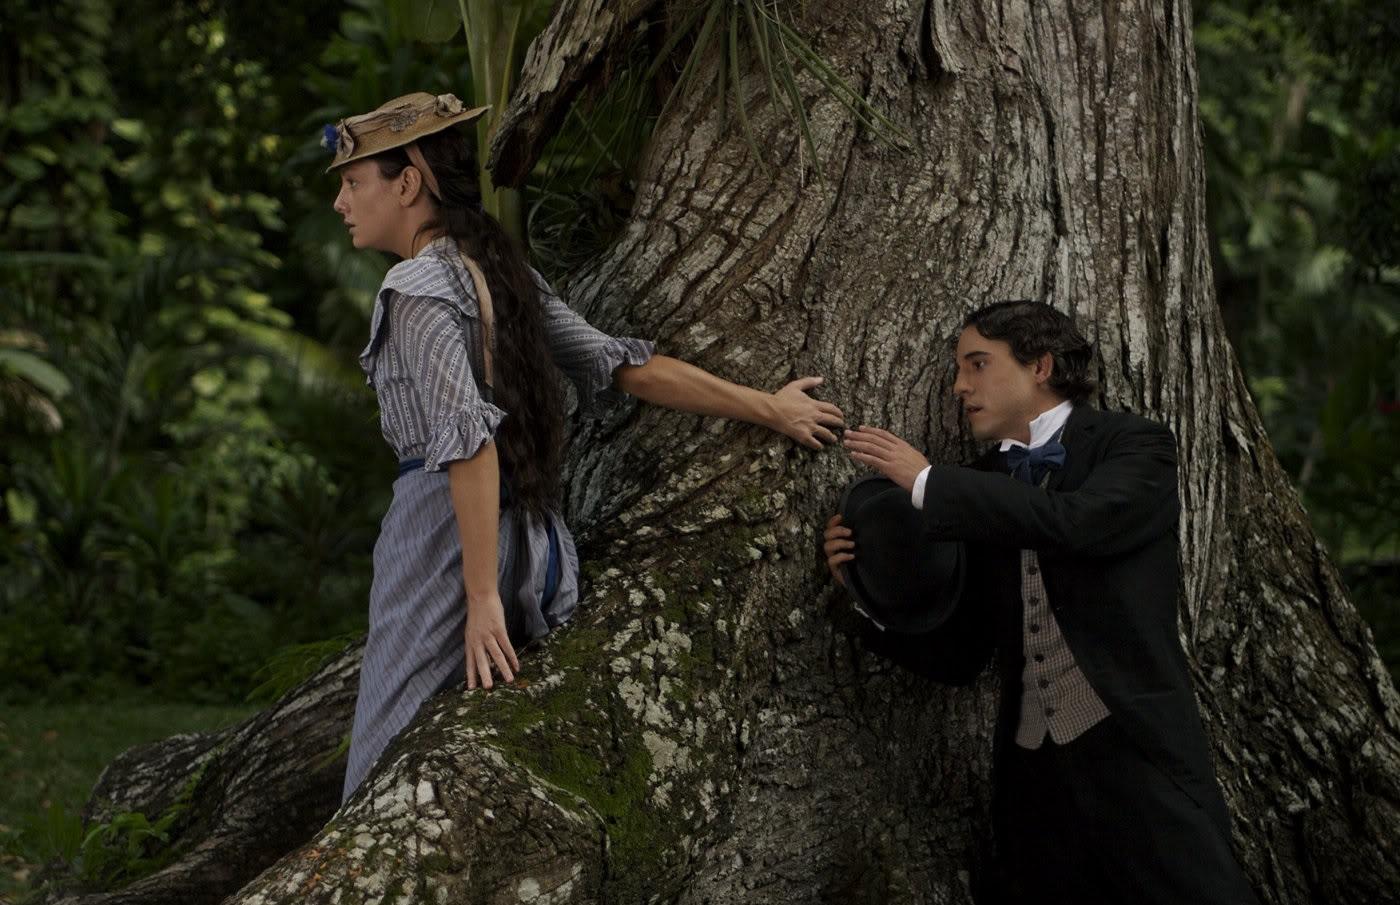 """Giovanna Mezzogiorno in """"L'Amore ai Tempi del Colera"""" di Mike Newell (2007)"""